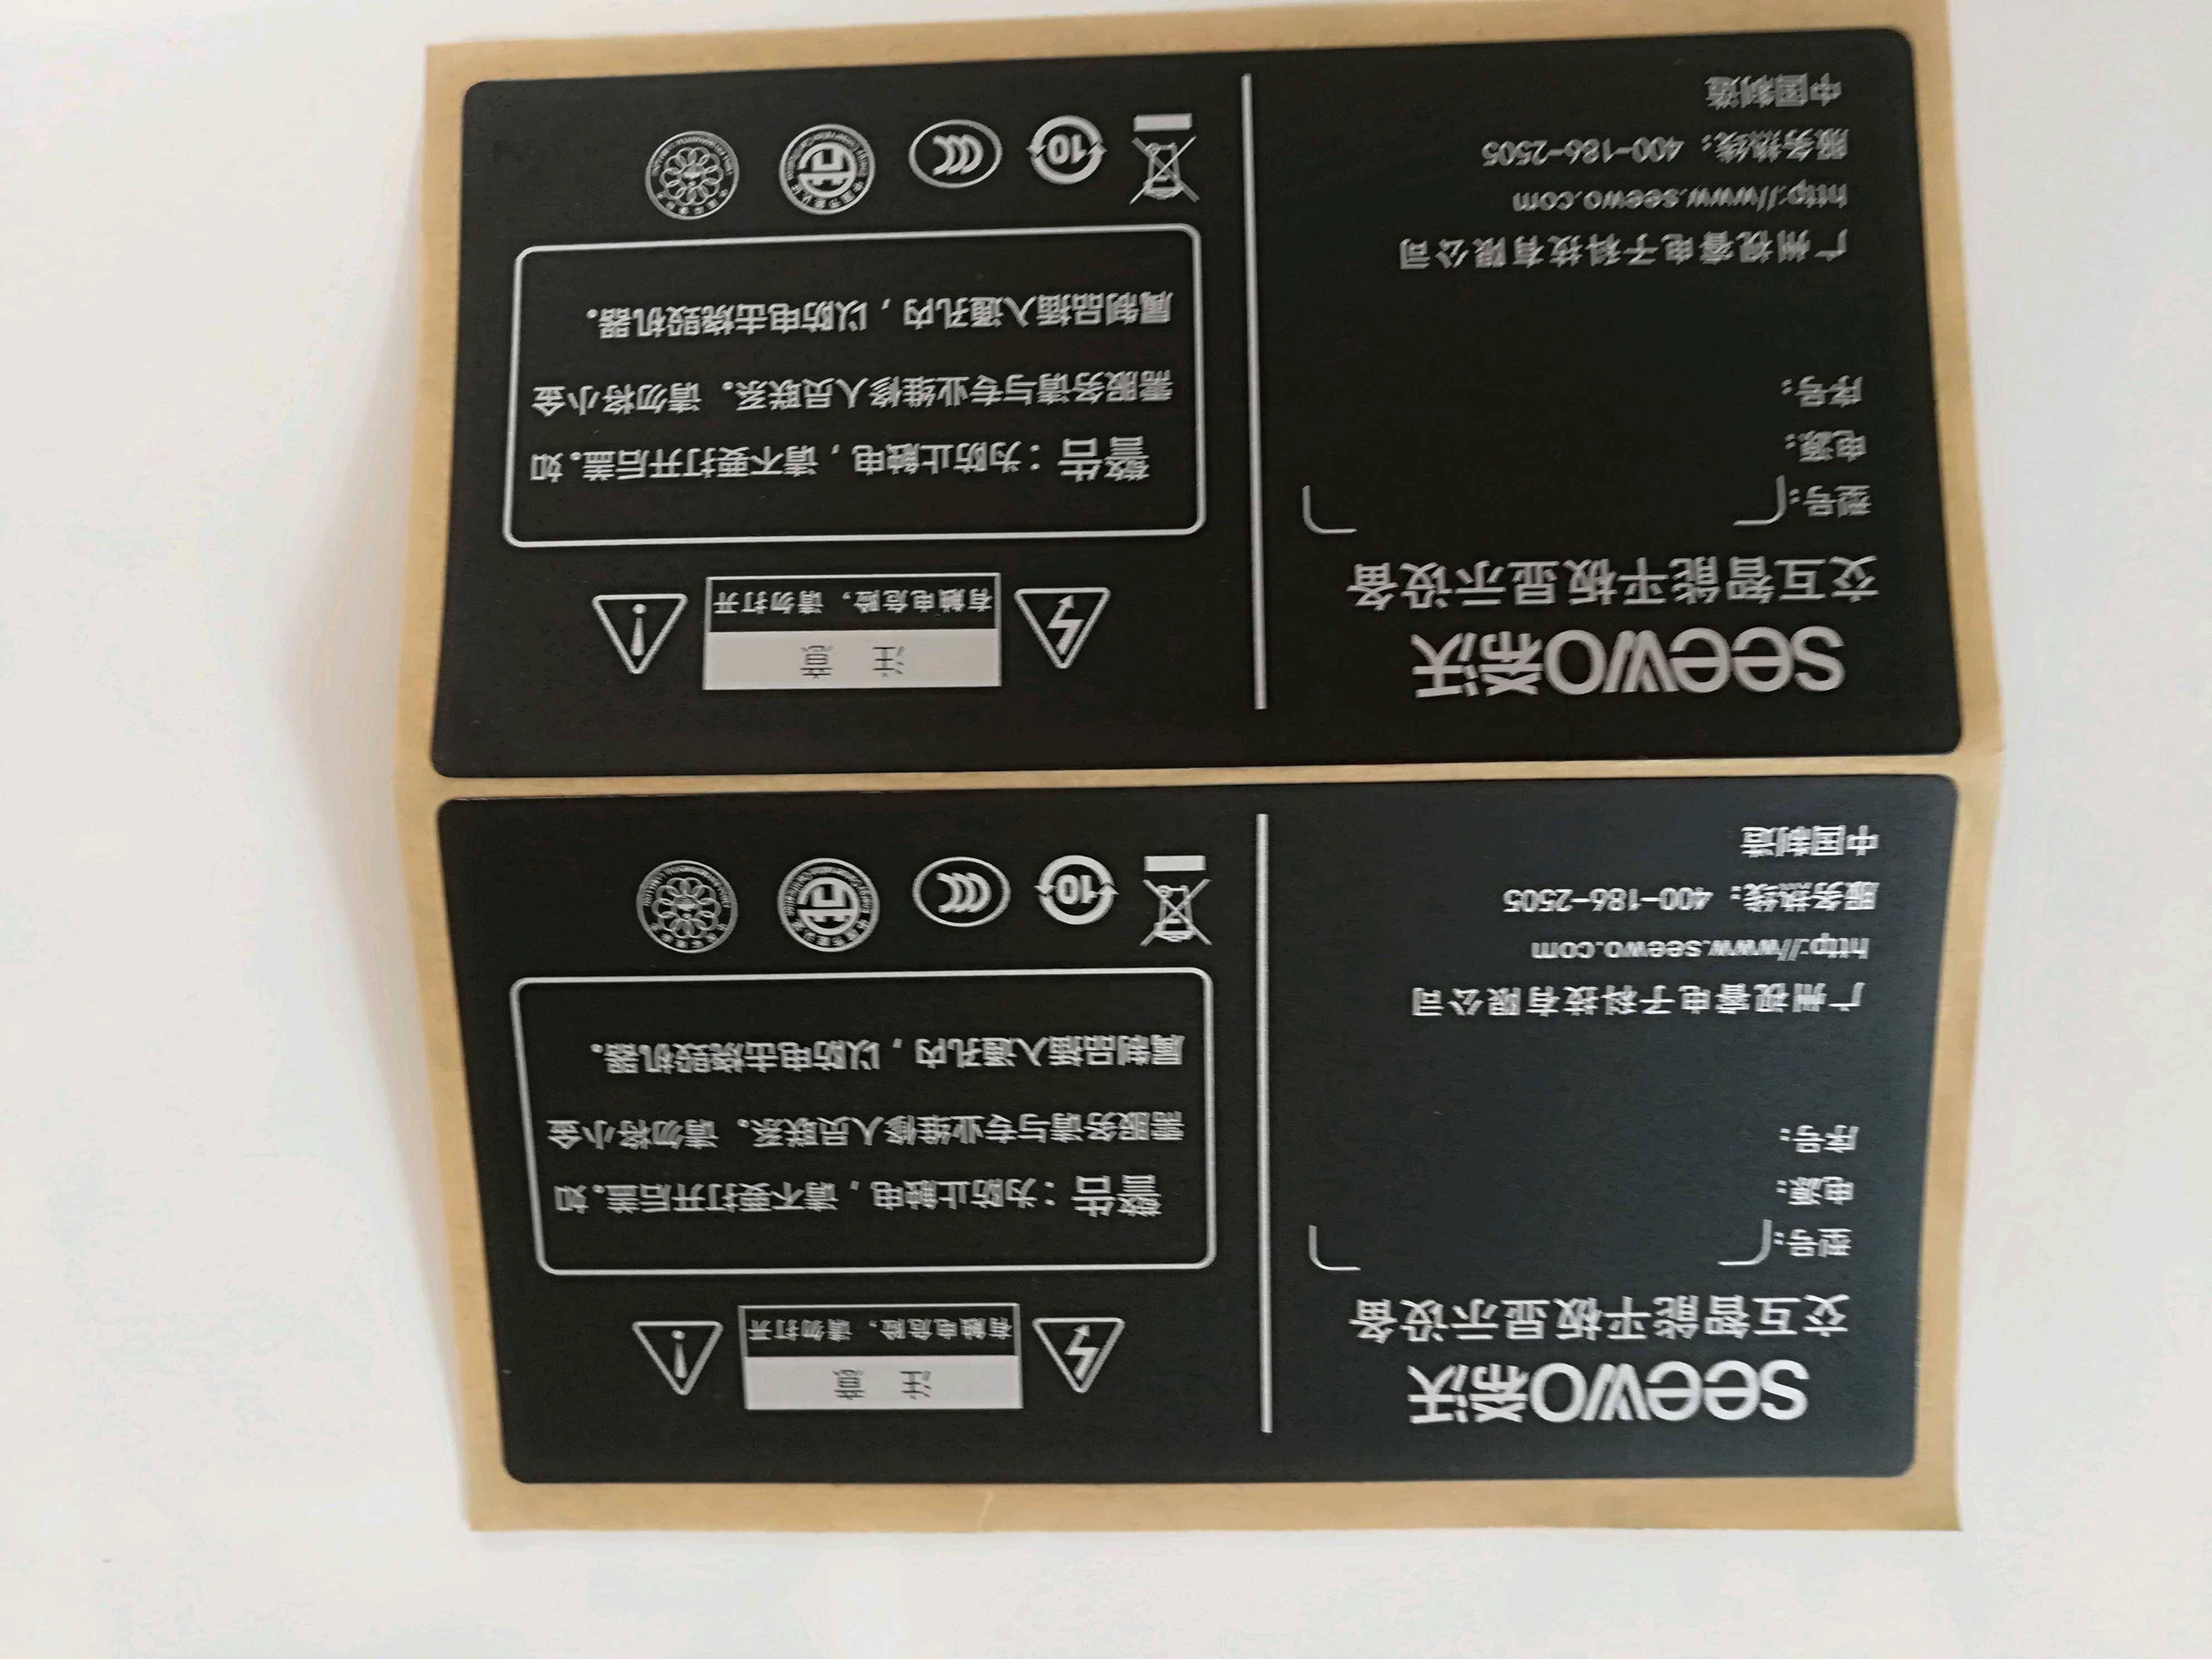 大家好,打扰了,我们专业生产:丝印PC,PⅤC,PET标签,电子标签,五金标签,局部 UV 光油凸油刮刮粉标签,不干胶标签,红酒标,千亿国际娱乐网址产品,多台卷对卷丝印,半自动丝印,品质保证,出货准时,价格美丽,期待同贵公司的合作,电话:刘先生13268884661。VX13549708060